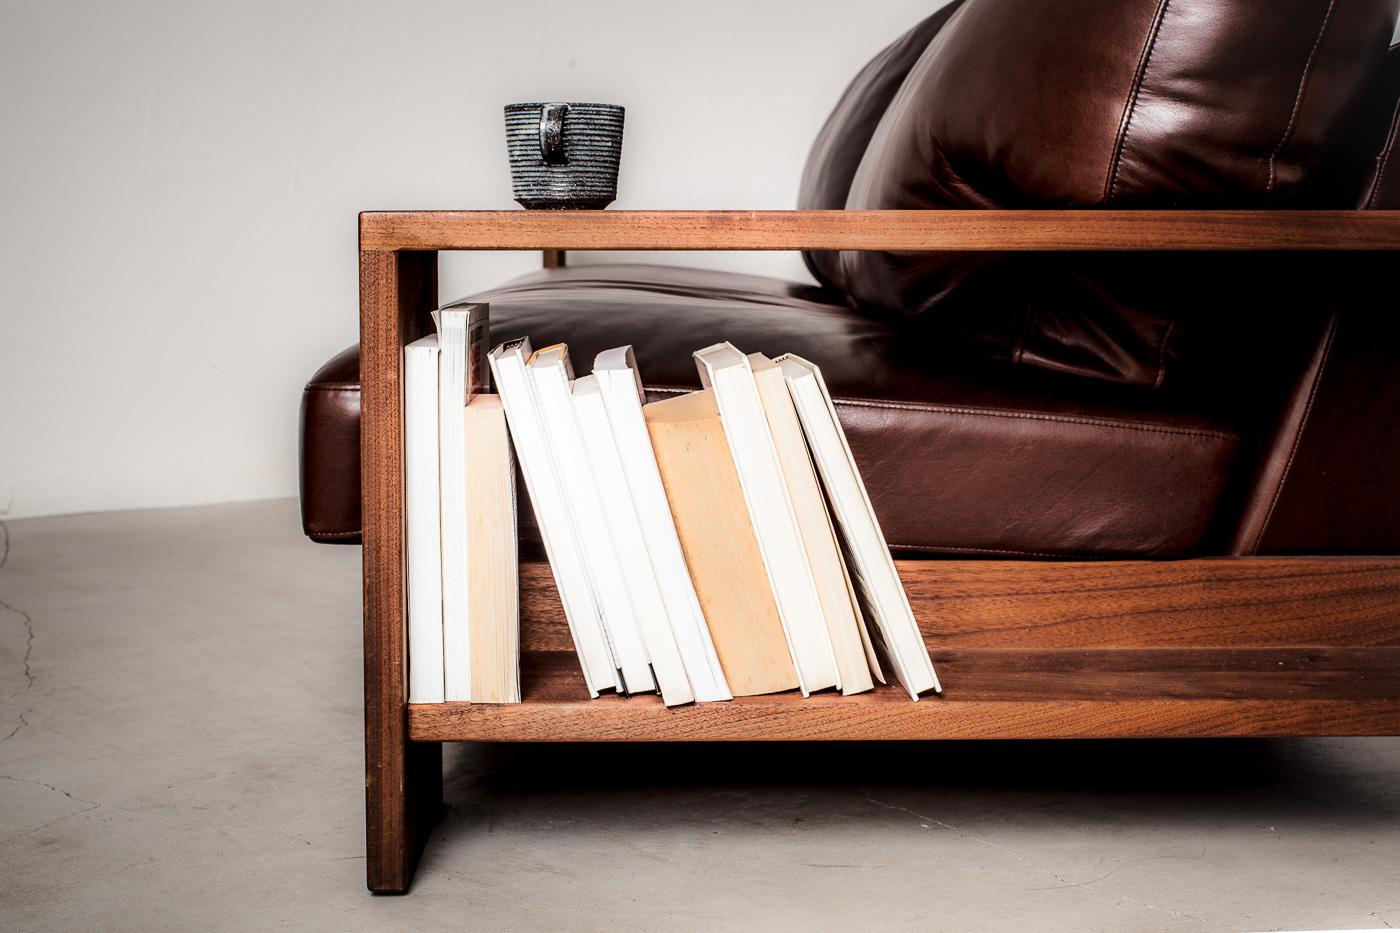 幅23cmと広くとられたアームは、テーブル、また本棚として活用が可能です。